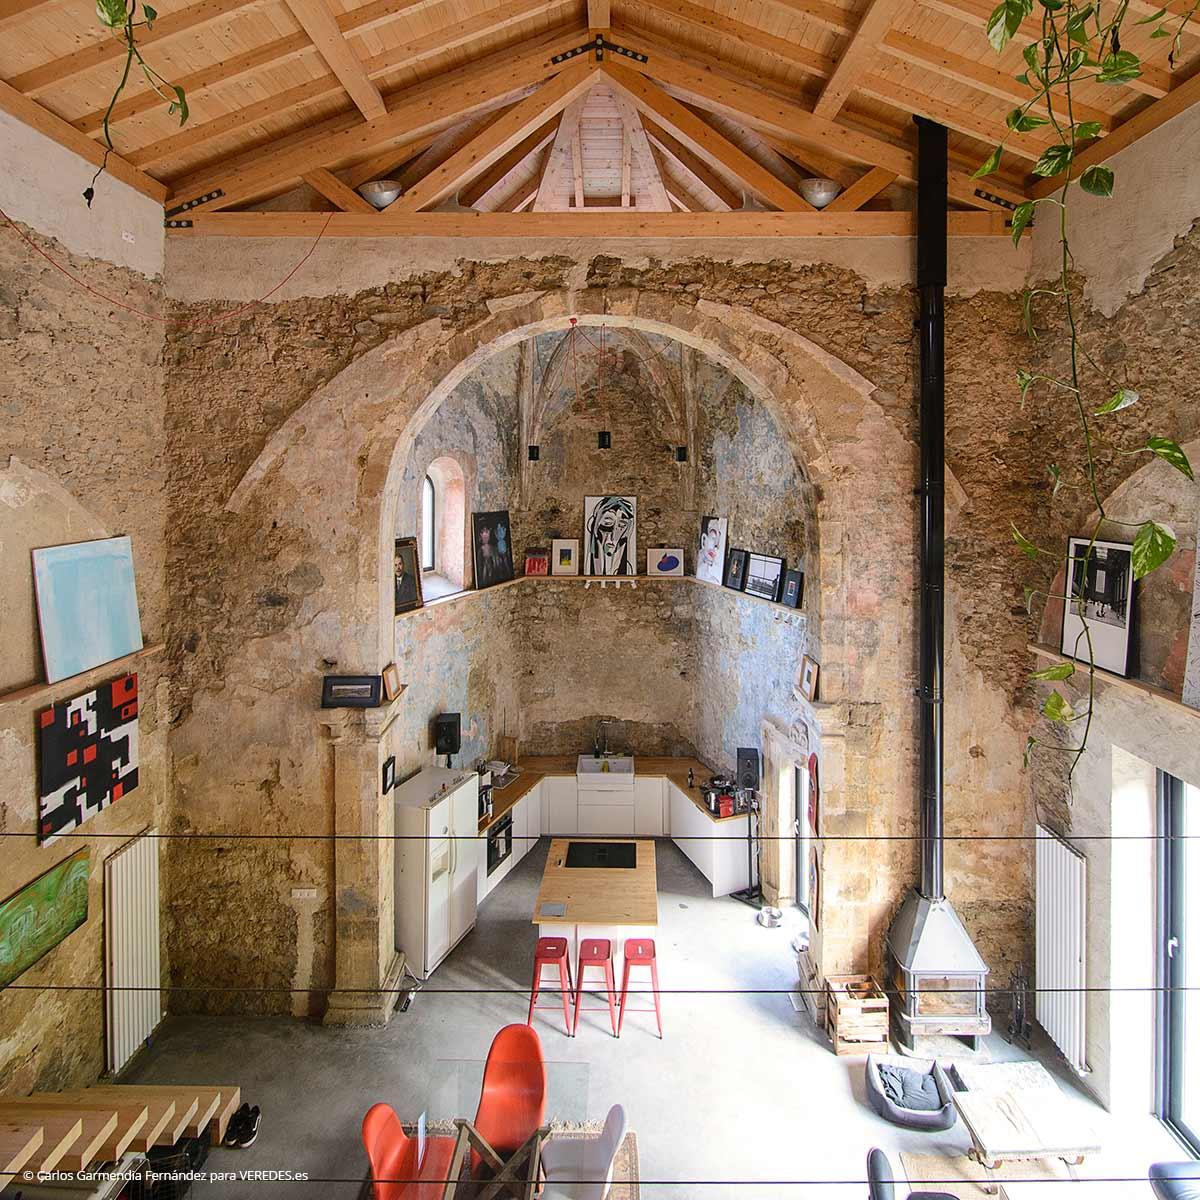 בית מודרני בתוך כנסיה מהמאה ה-16